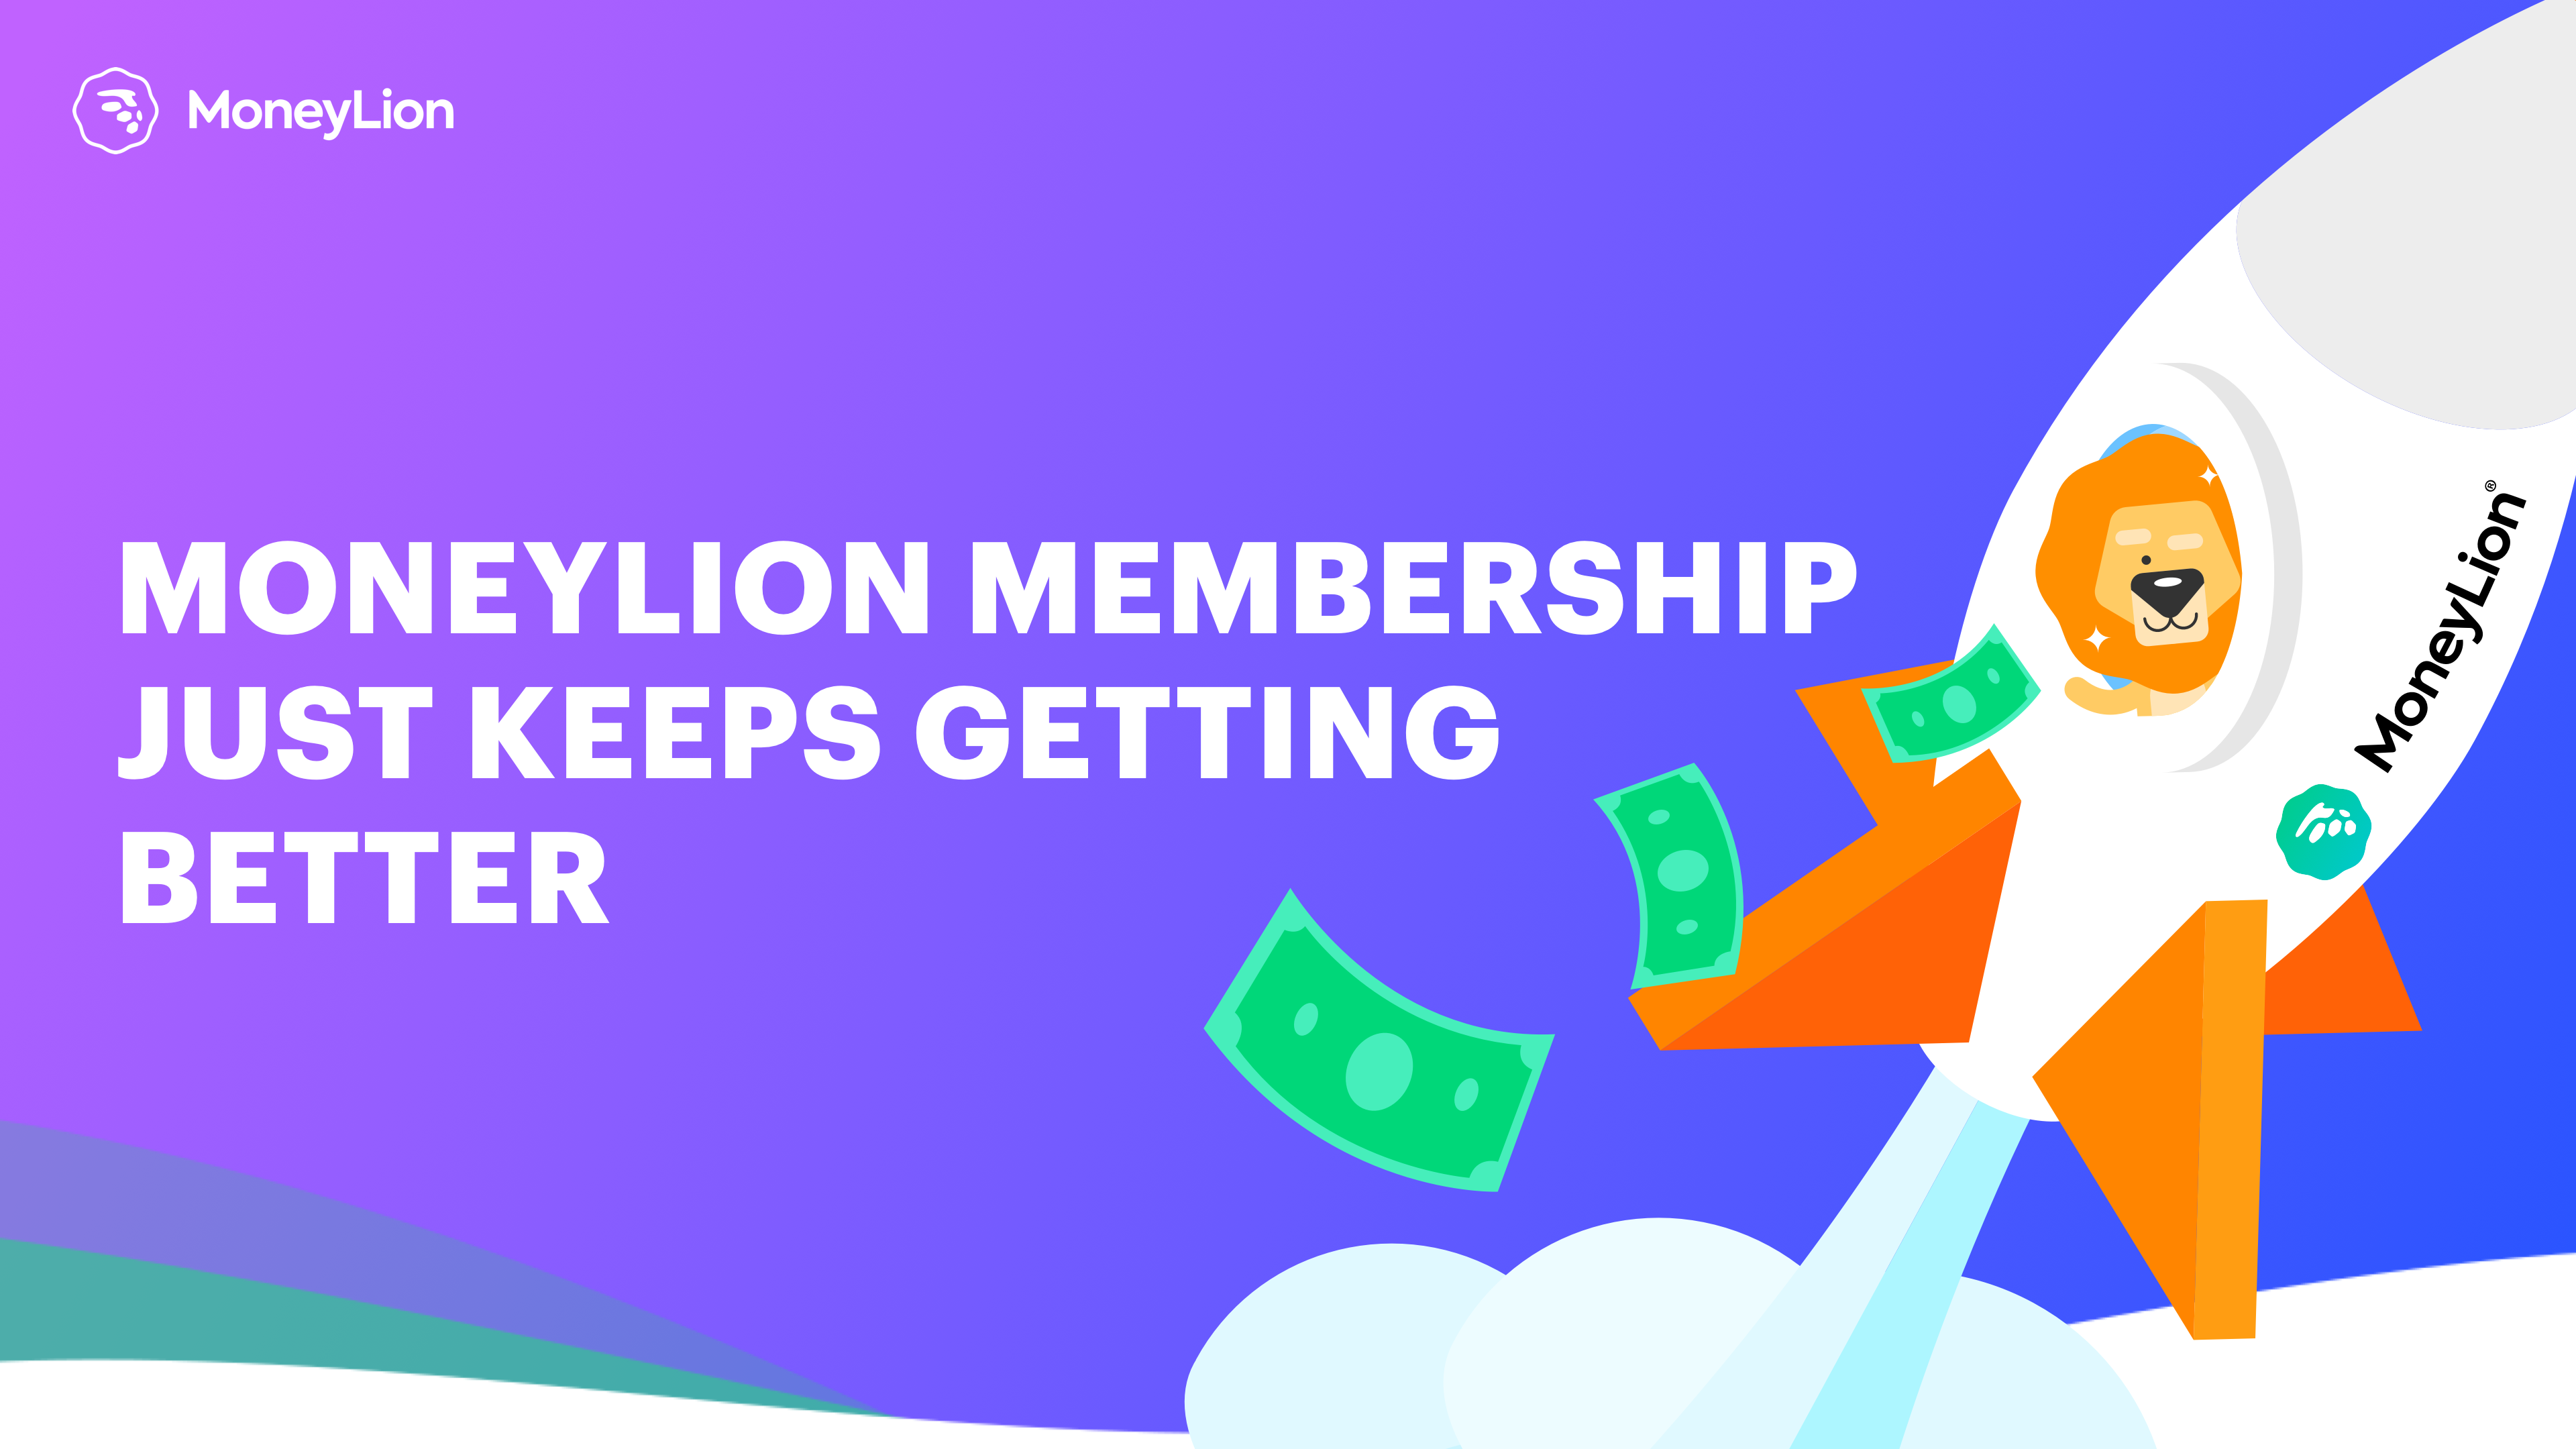 Facebook ML MoneyLion membership just keeps getting better 10082018%402x 1